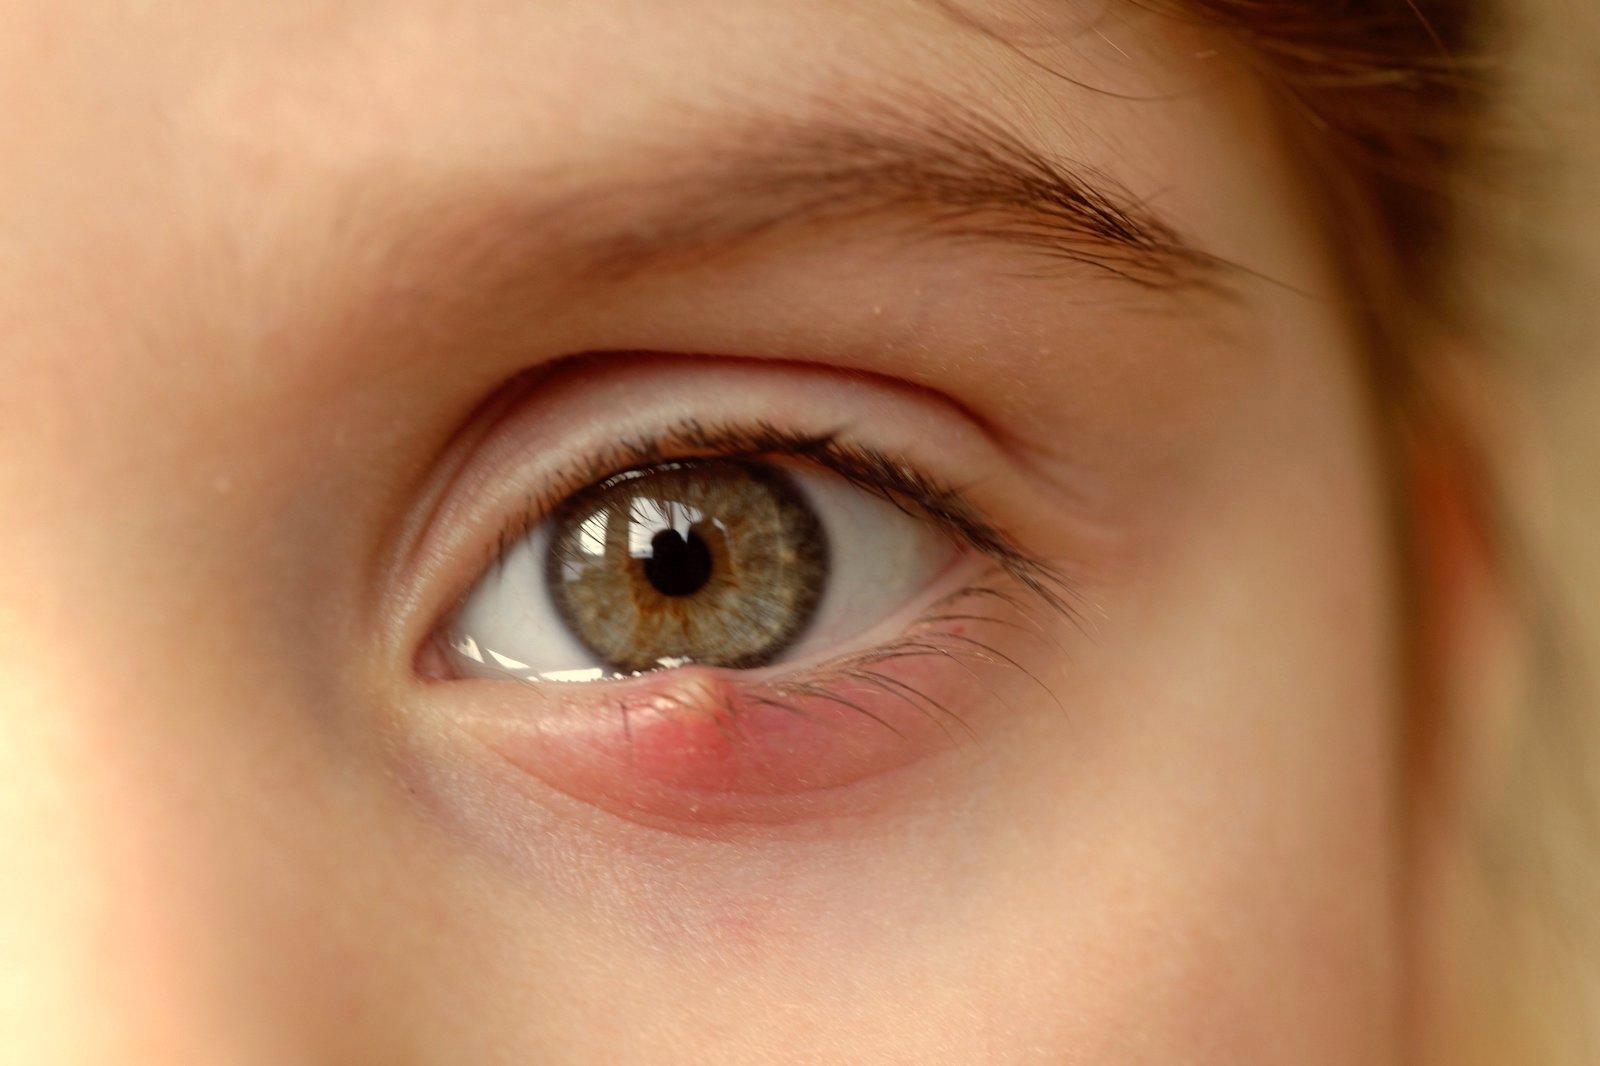 viziunea s-a deteriorat aproape, cu greu văd vedere ochii sănătoși